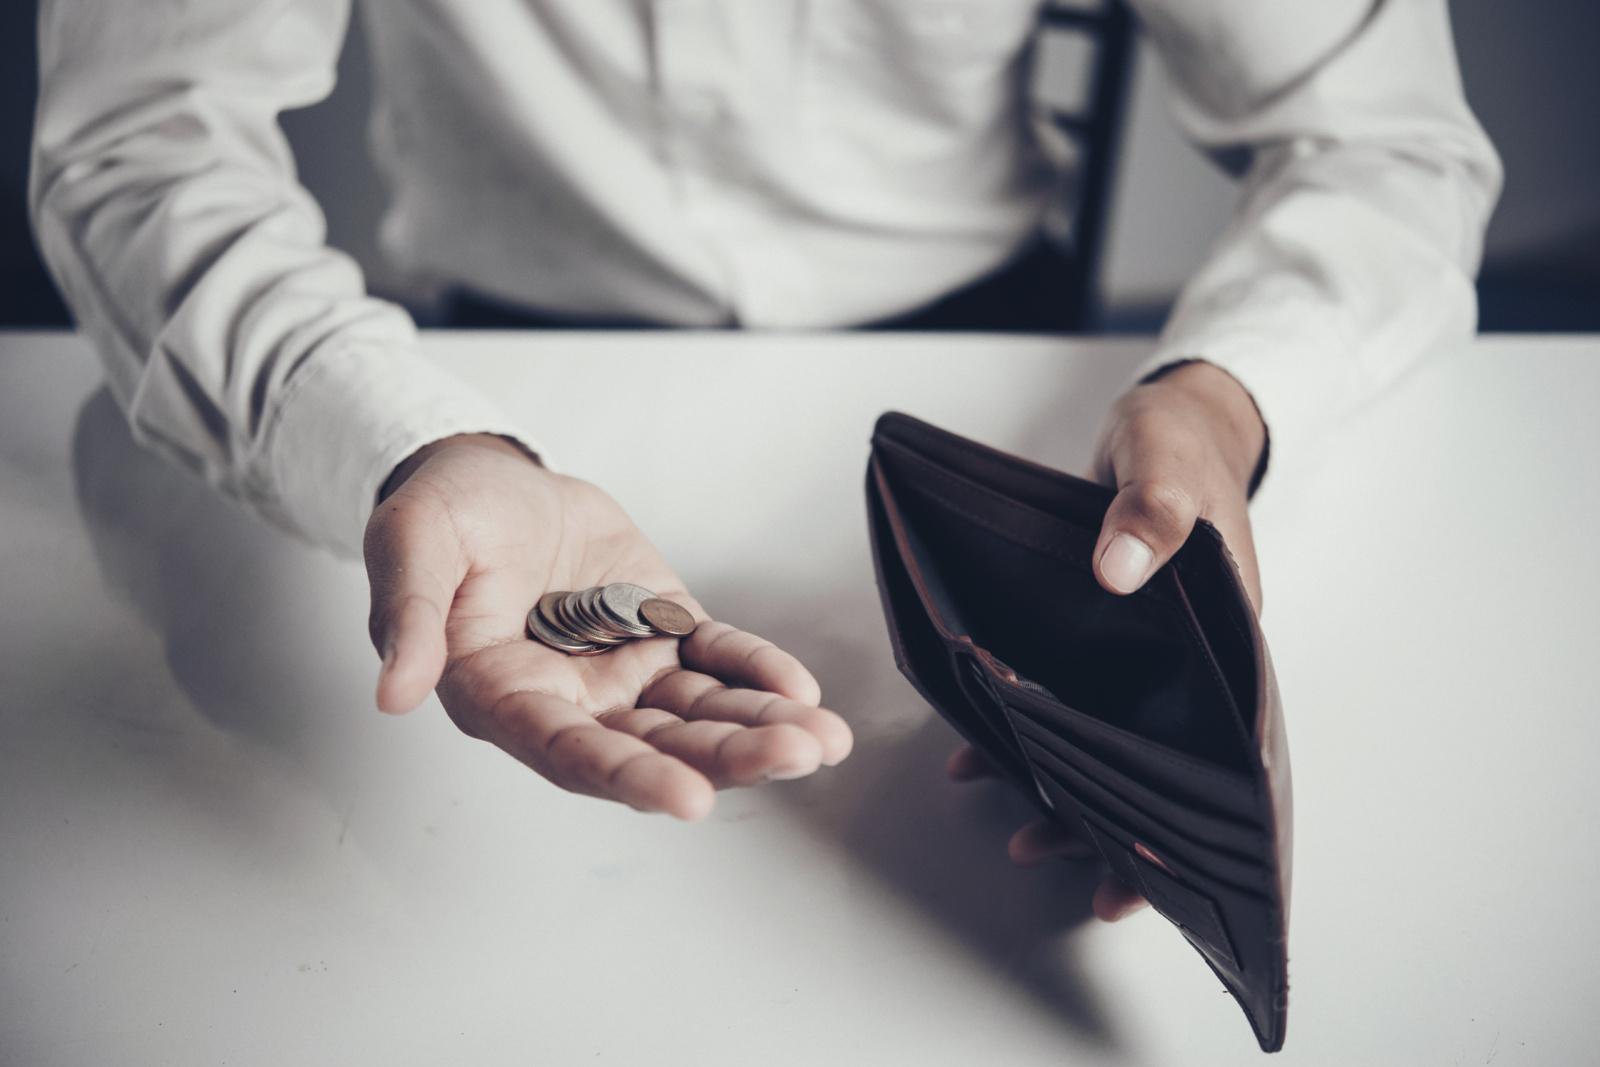 Gyventojai nerimauja dėl būsimų pajamų